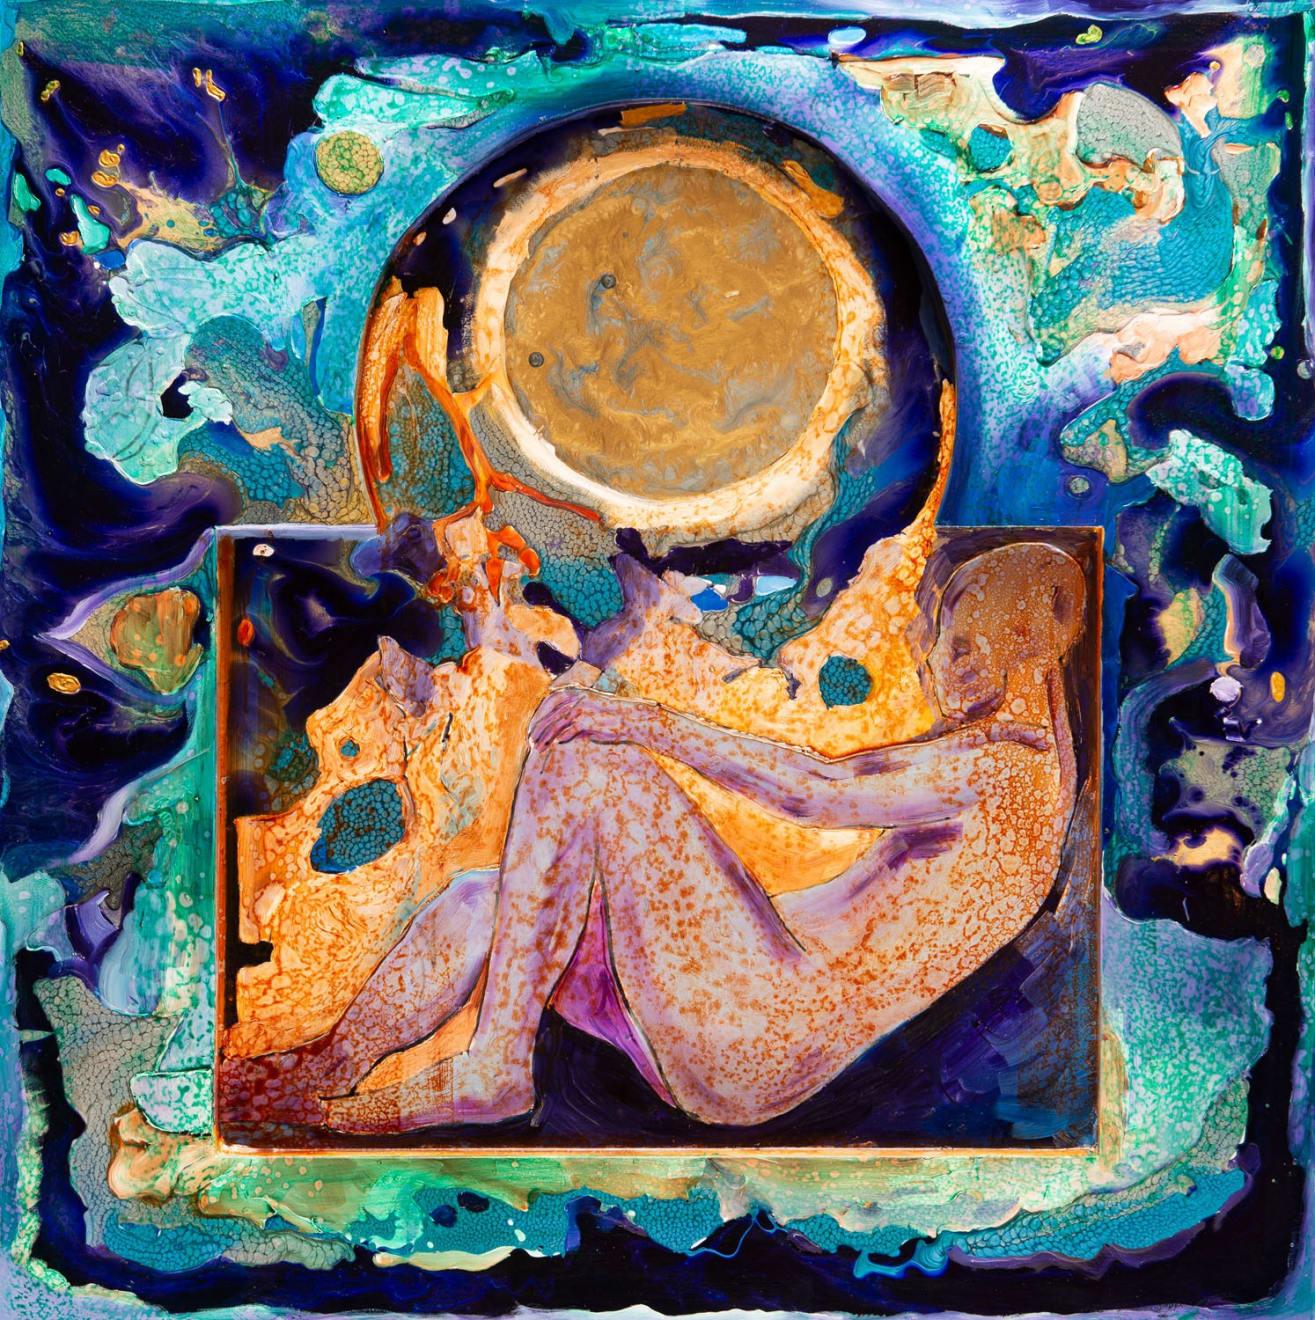 Pensive Mood II, Oils and mix media on Three dimensional wood panel